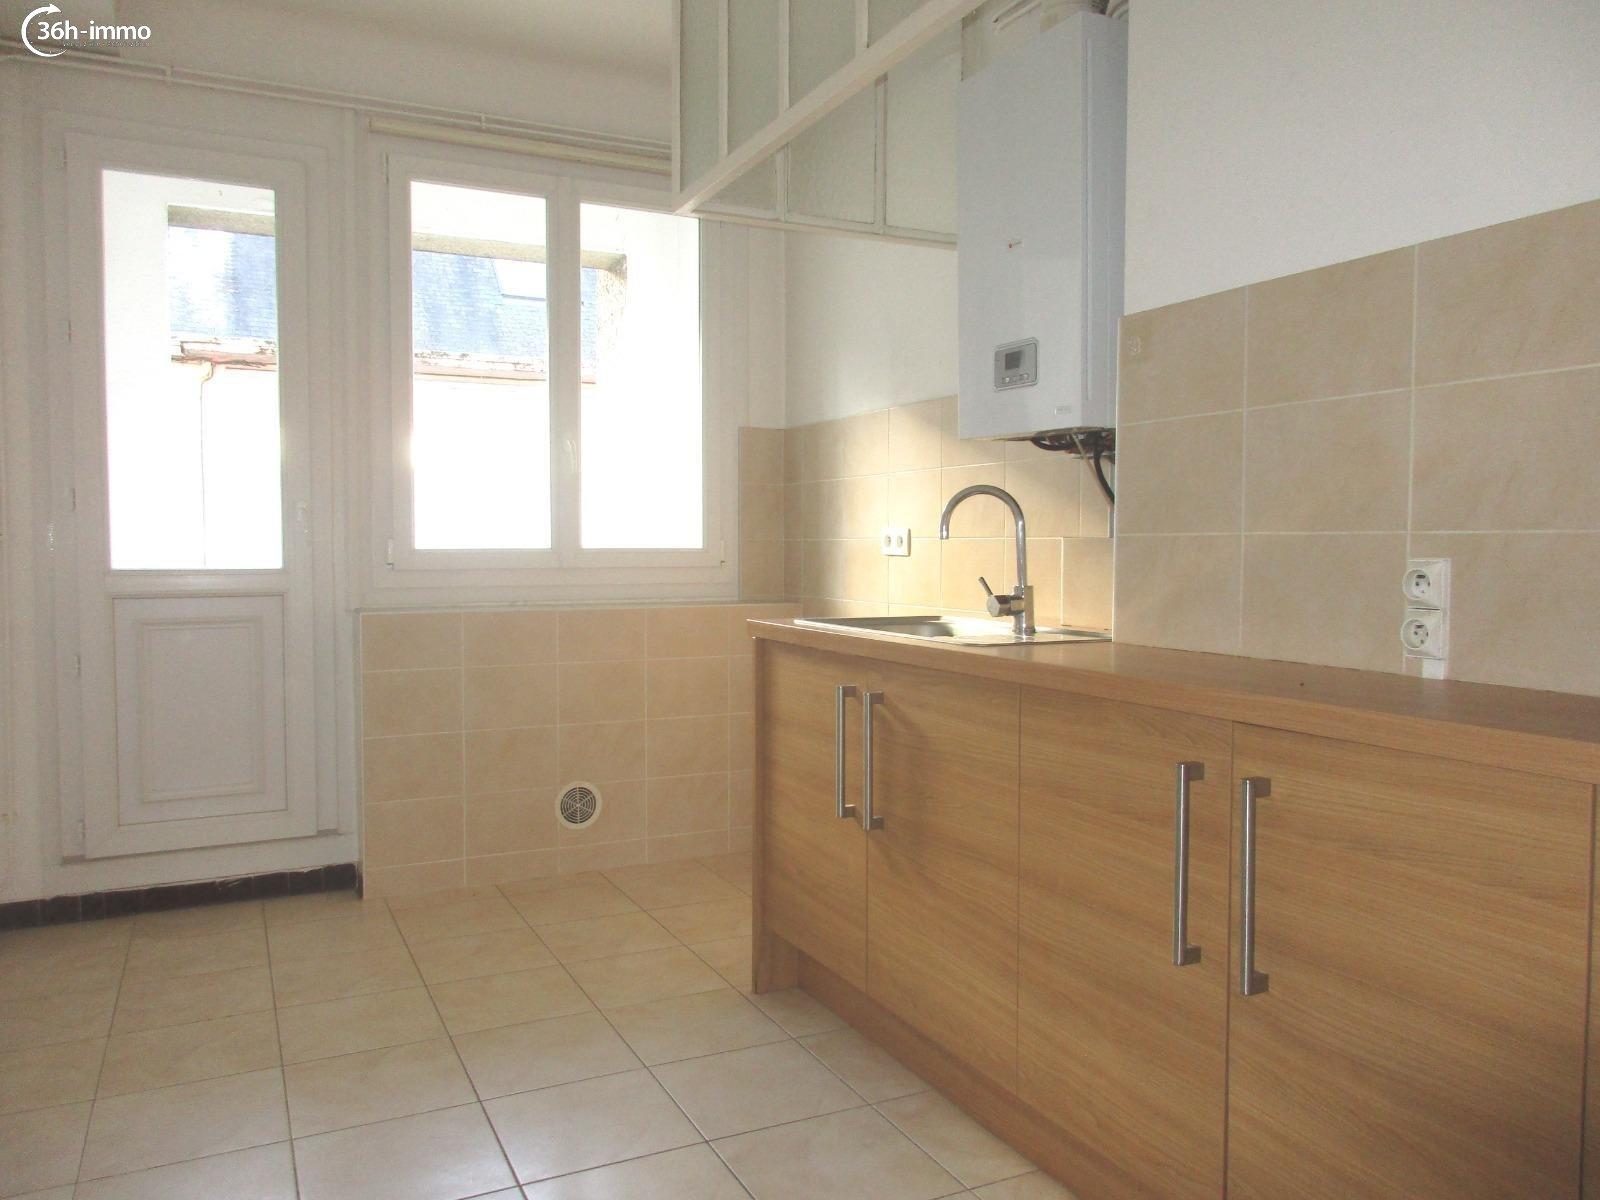 Appartement Saint-Lô 50000 Manche 45 m<sup>2</sup> 2 pièces 35000 euros